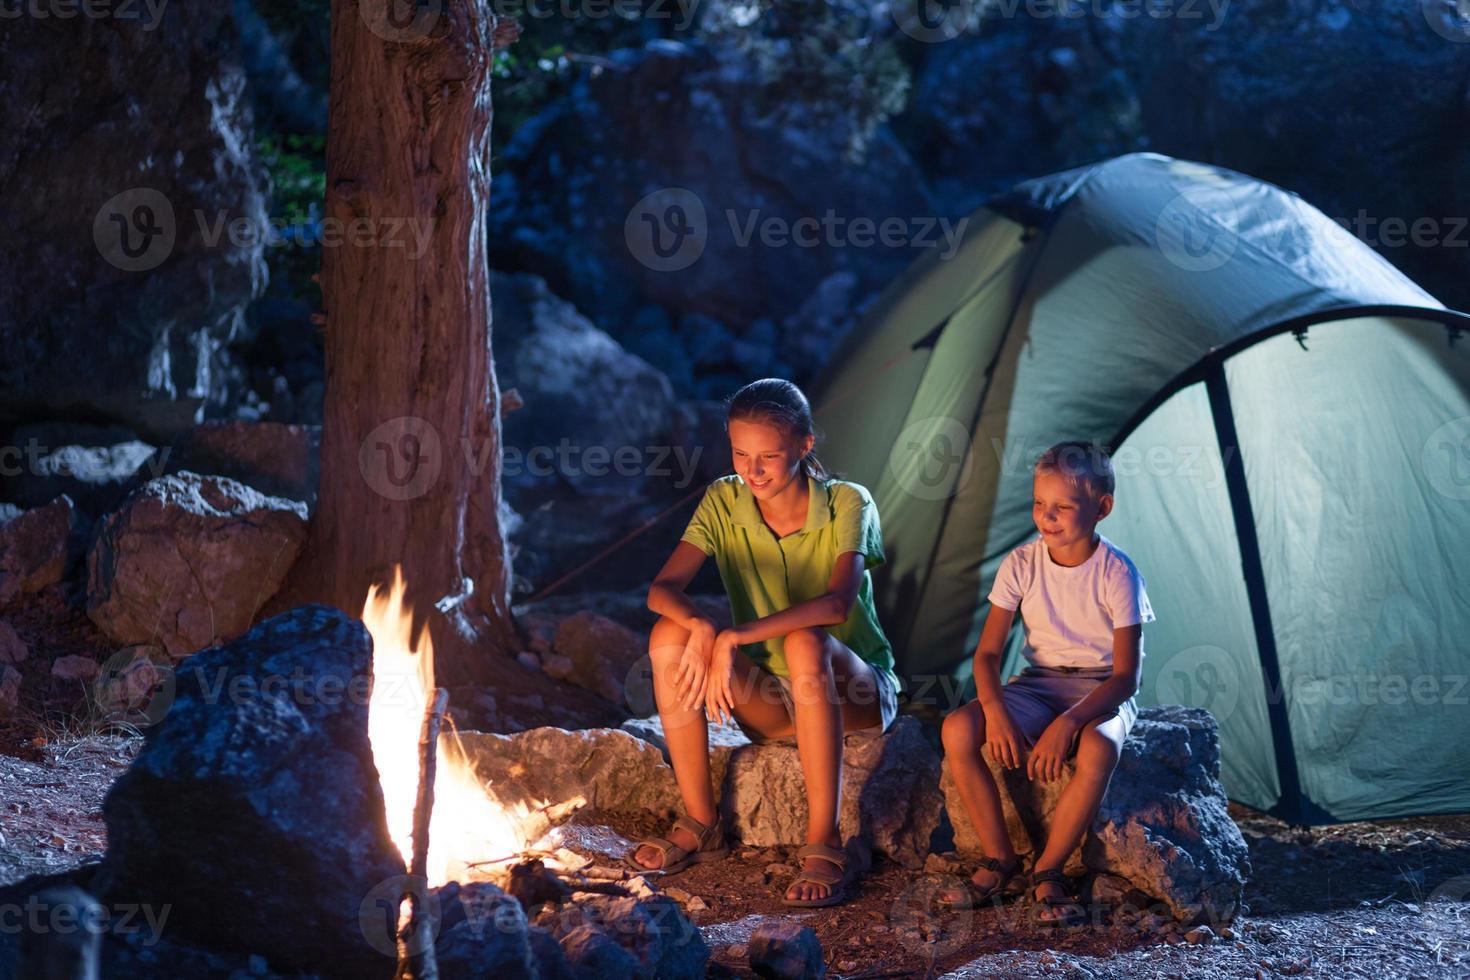 zus met broer bij het kampvuur foto